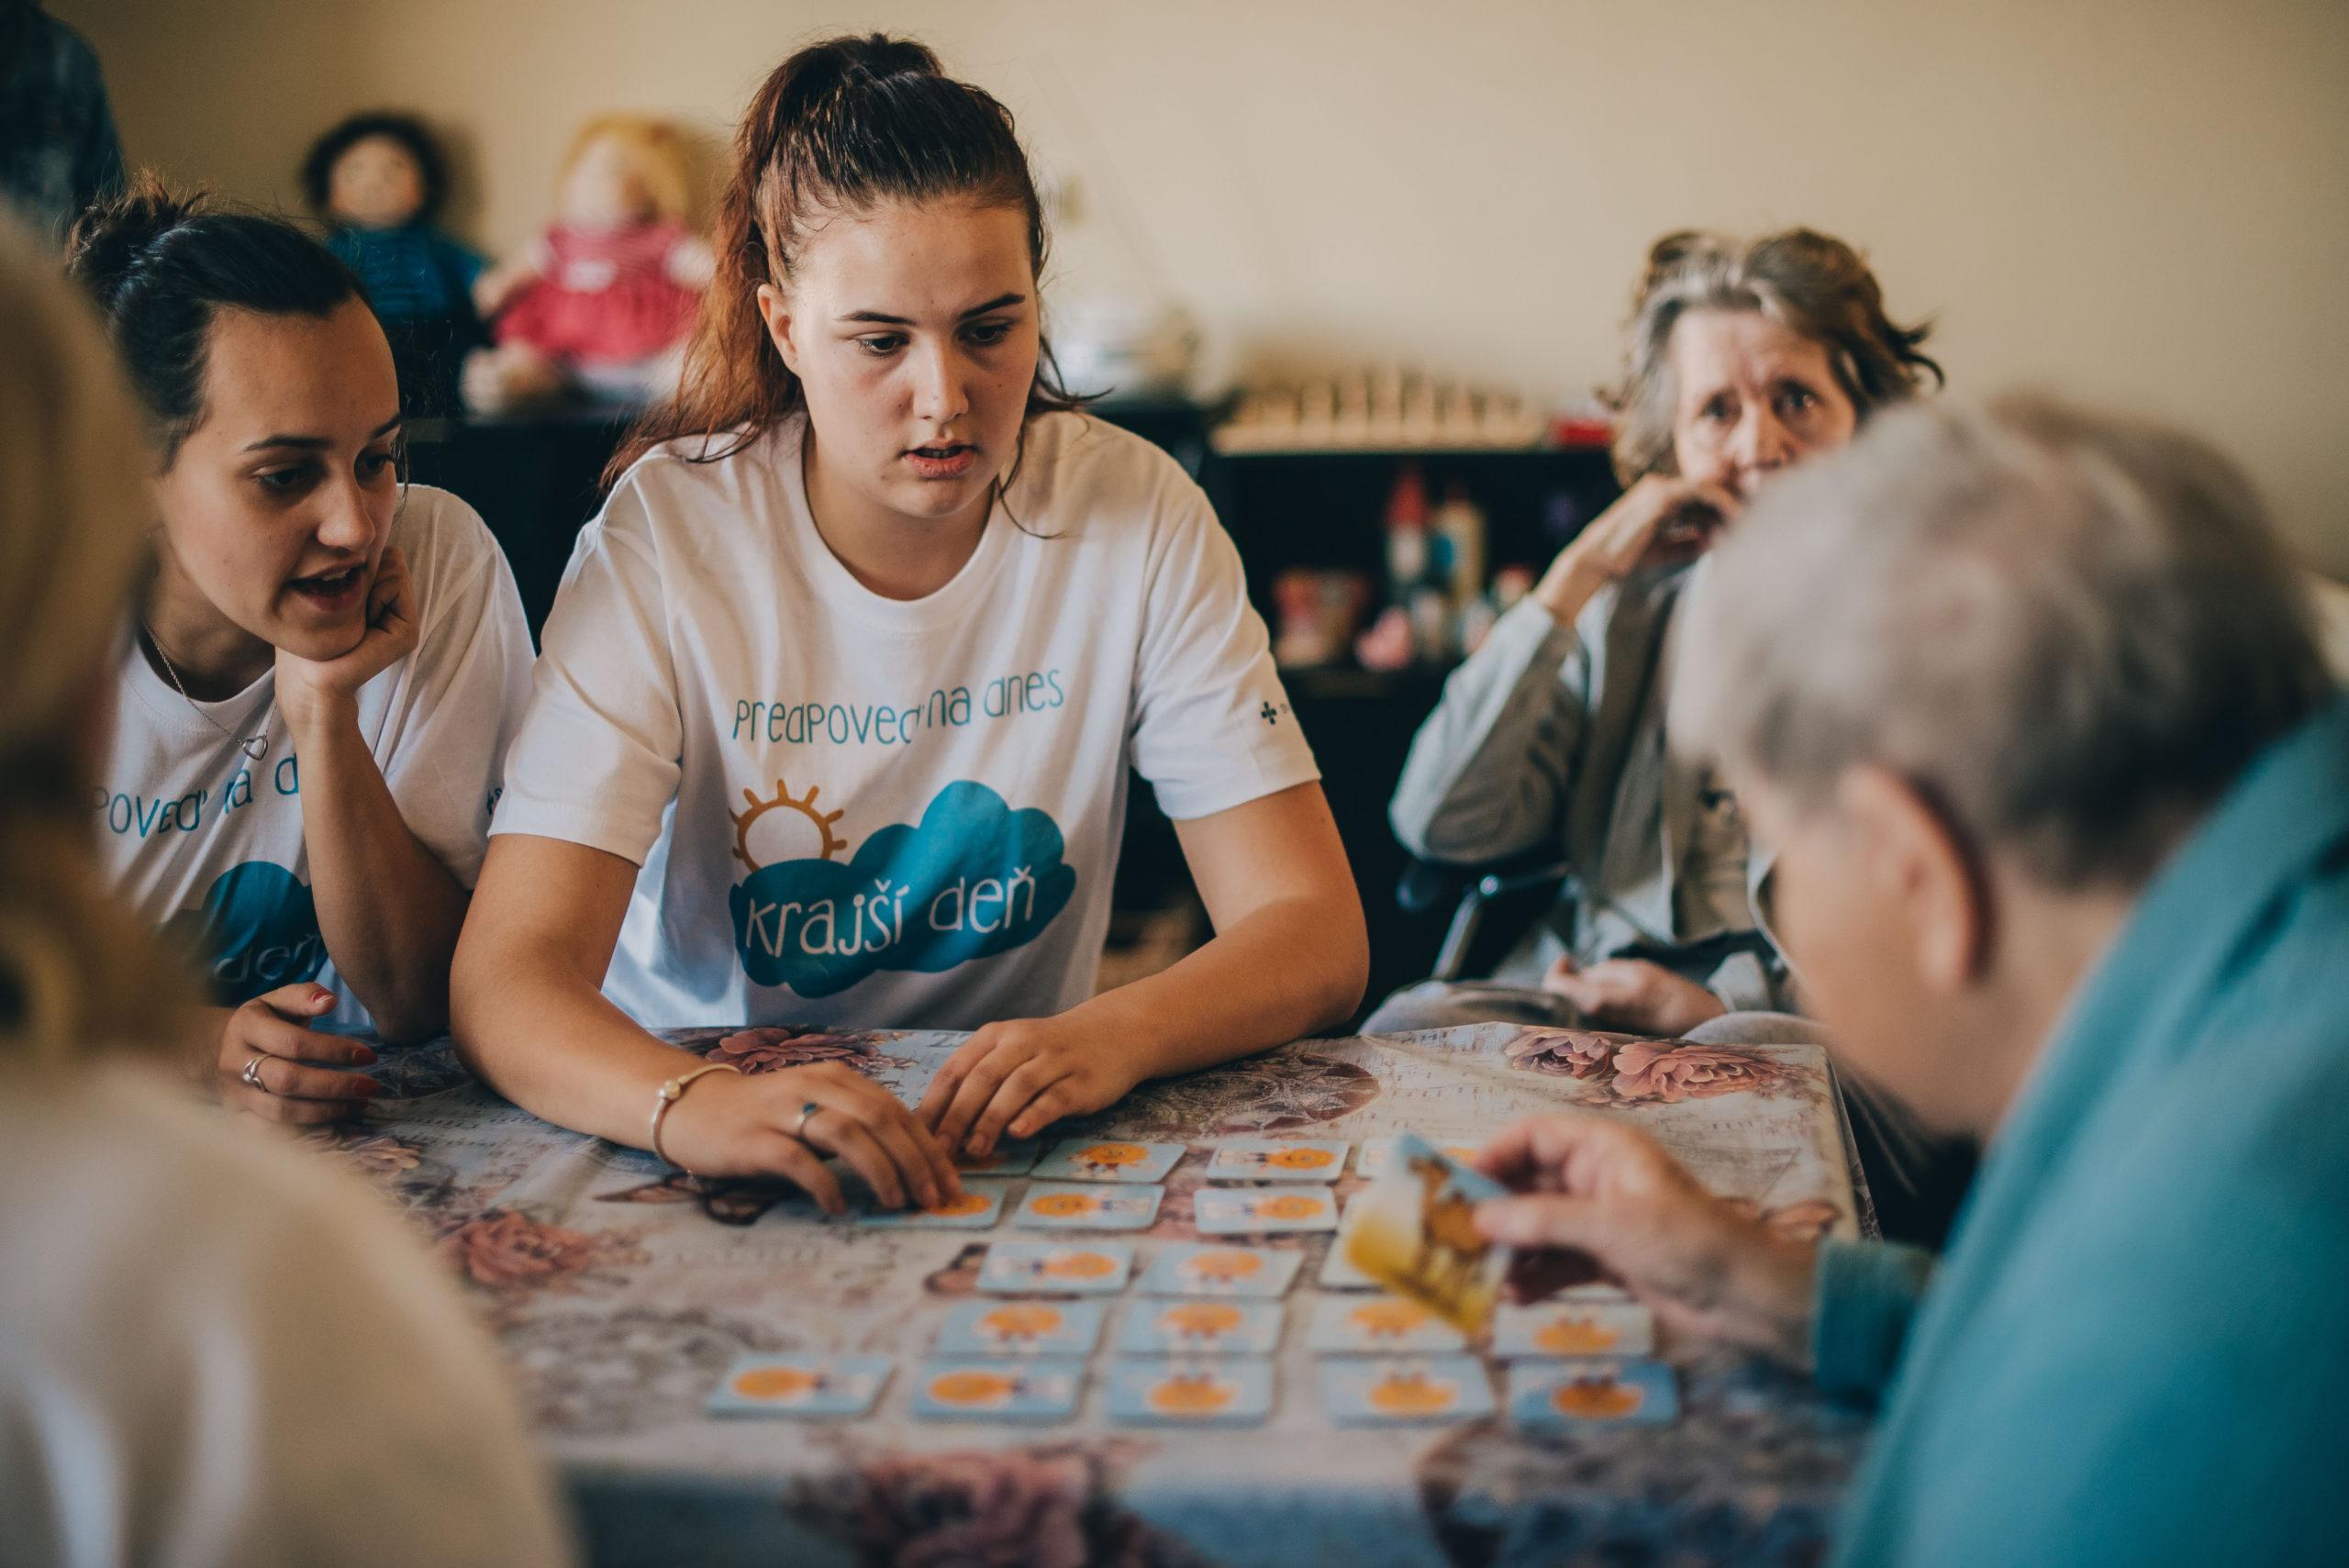 Spišskonovoveská nemocnica odštartovala dobrovoľnícky projekt Krajší deň